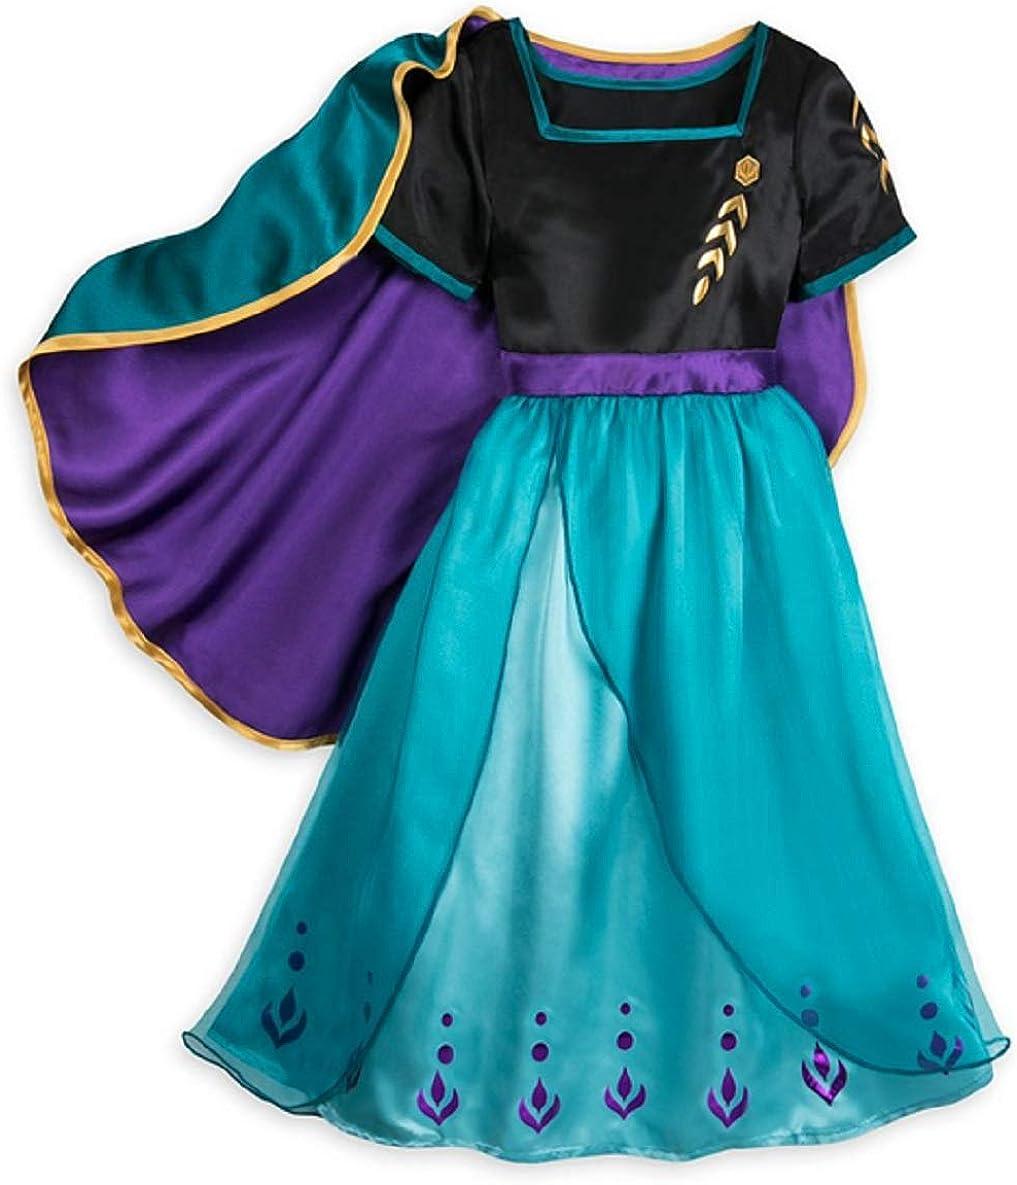 Anna Sleep Gown for Girls – Frozen 2 - Size 7/8 Black